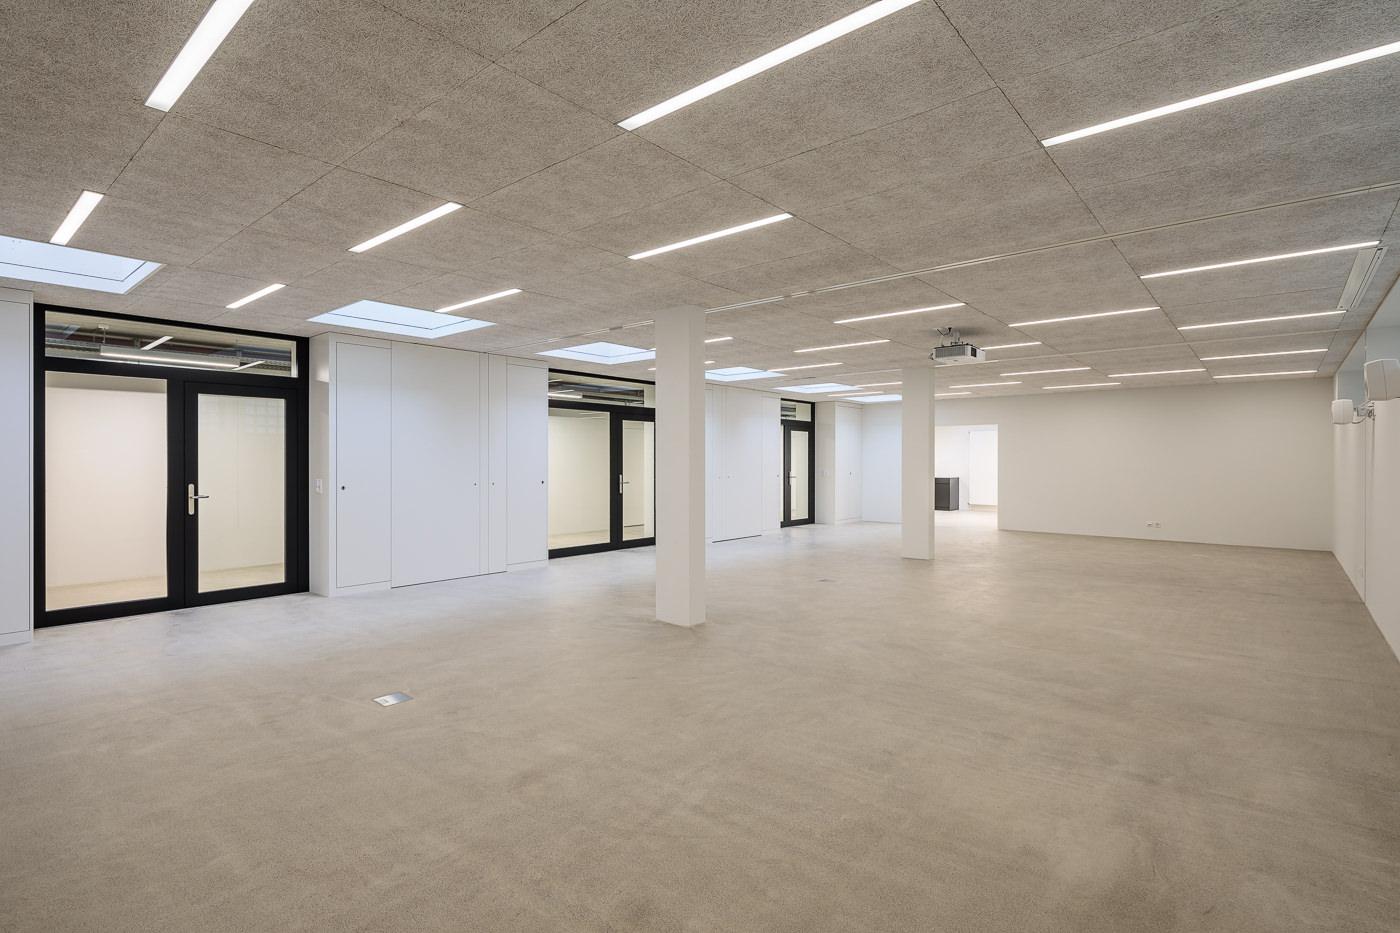 buan-architekten-umbau büroräume unterlachenstrasse ig arbeit-luzern-grossraum-1